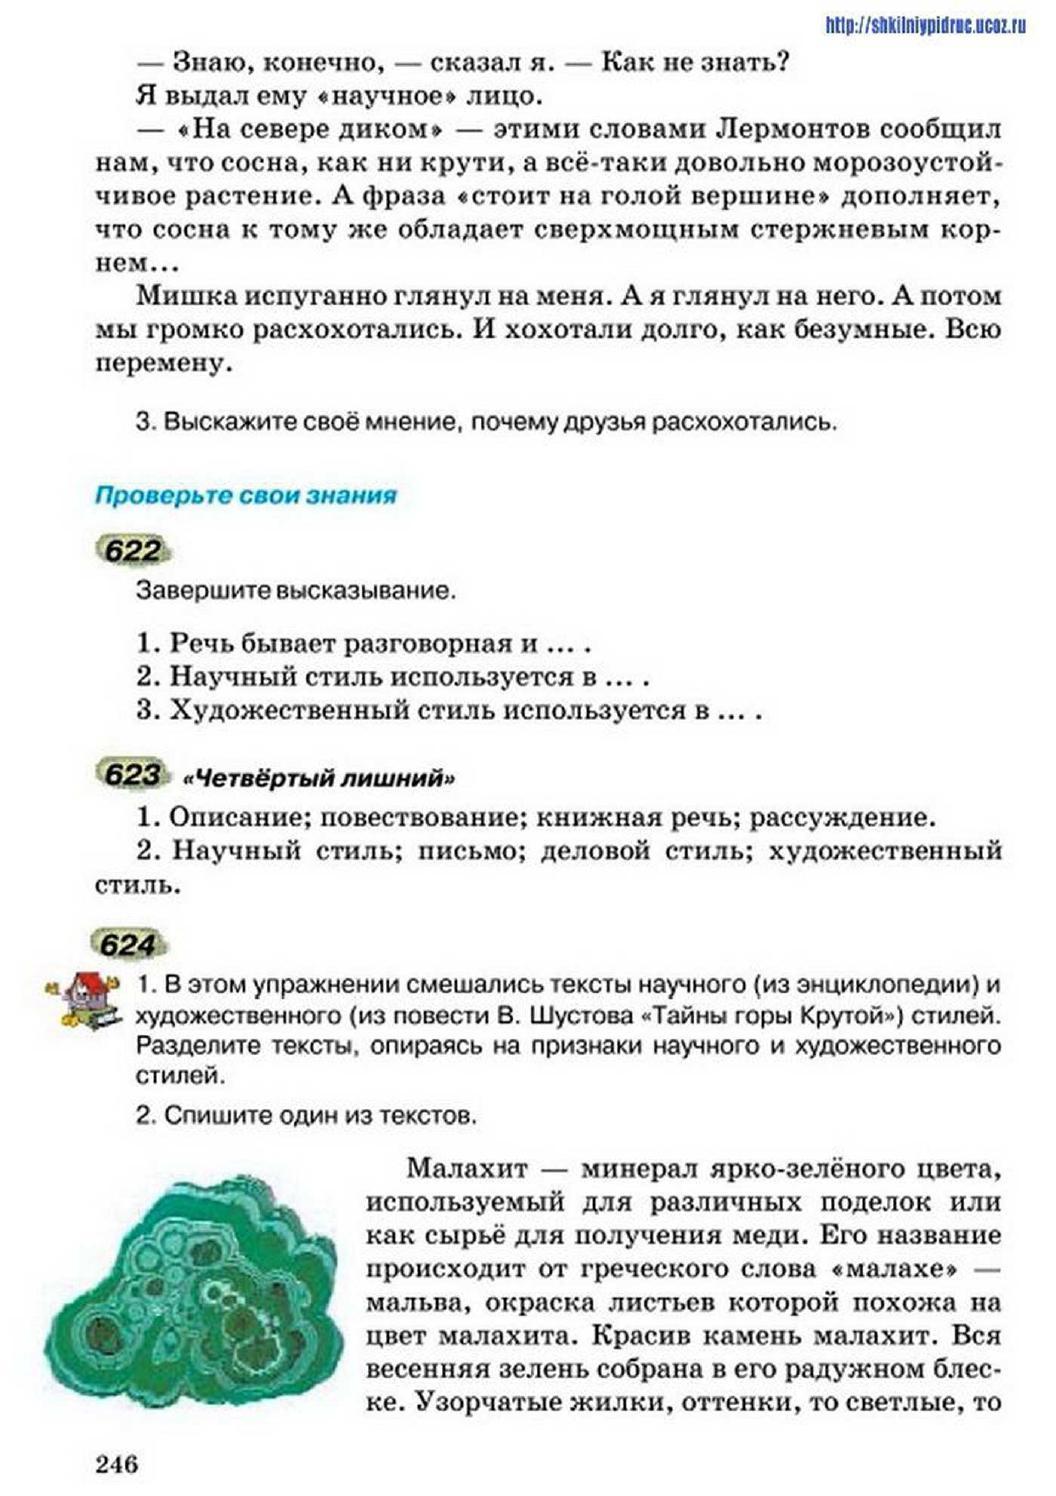 русский язык фролова рудяков 2018 гдз класса 5